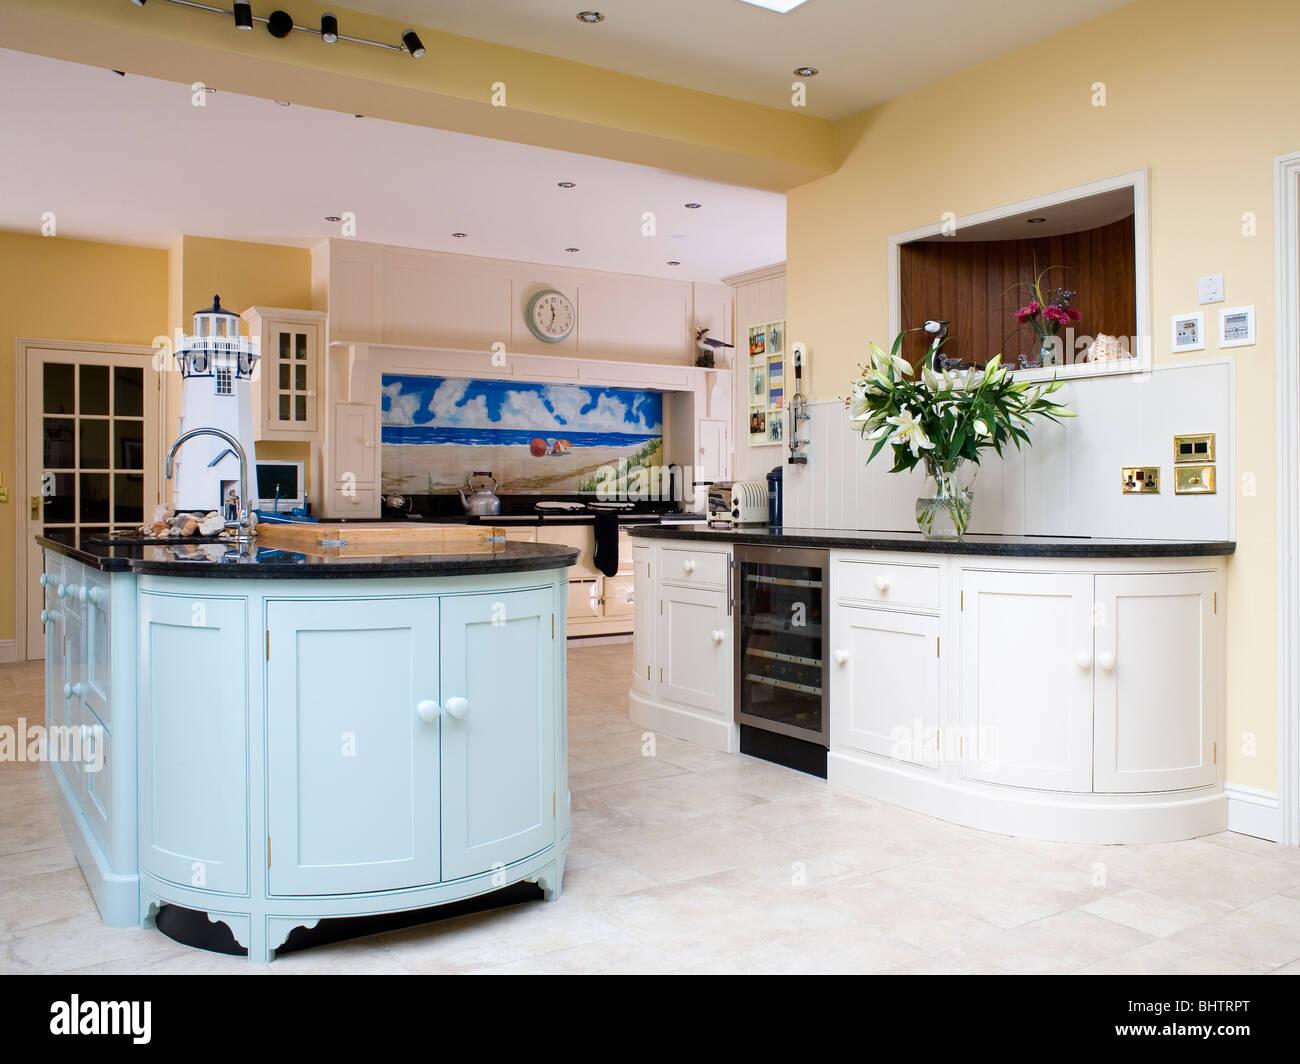 Pastell blau Insel Einheit in großen blass gelbe Küche Erweiterung ...